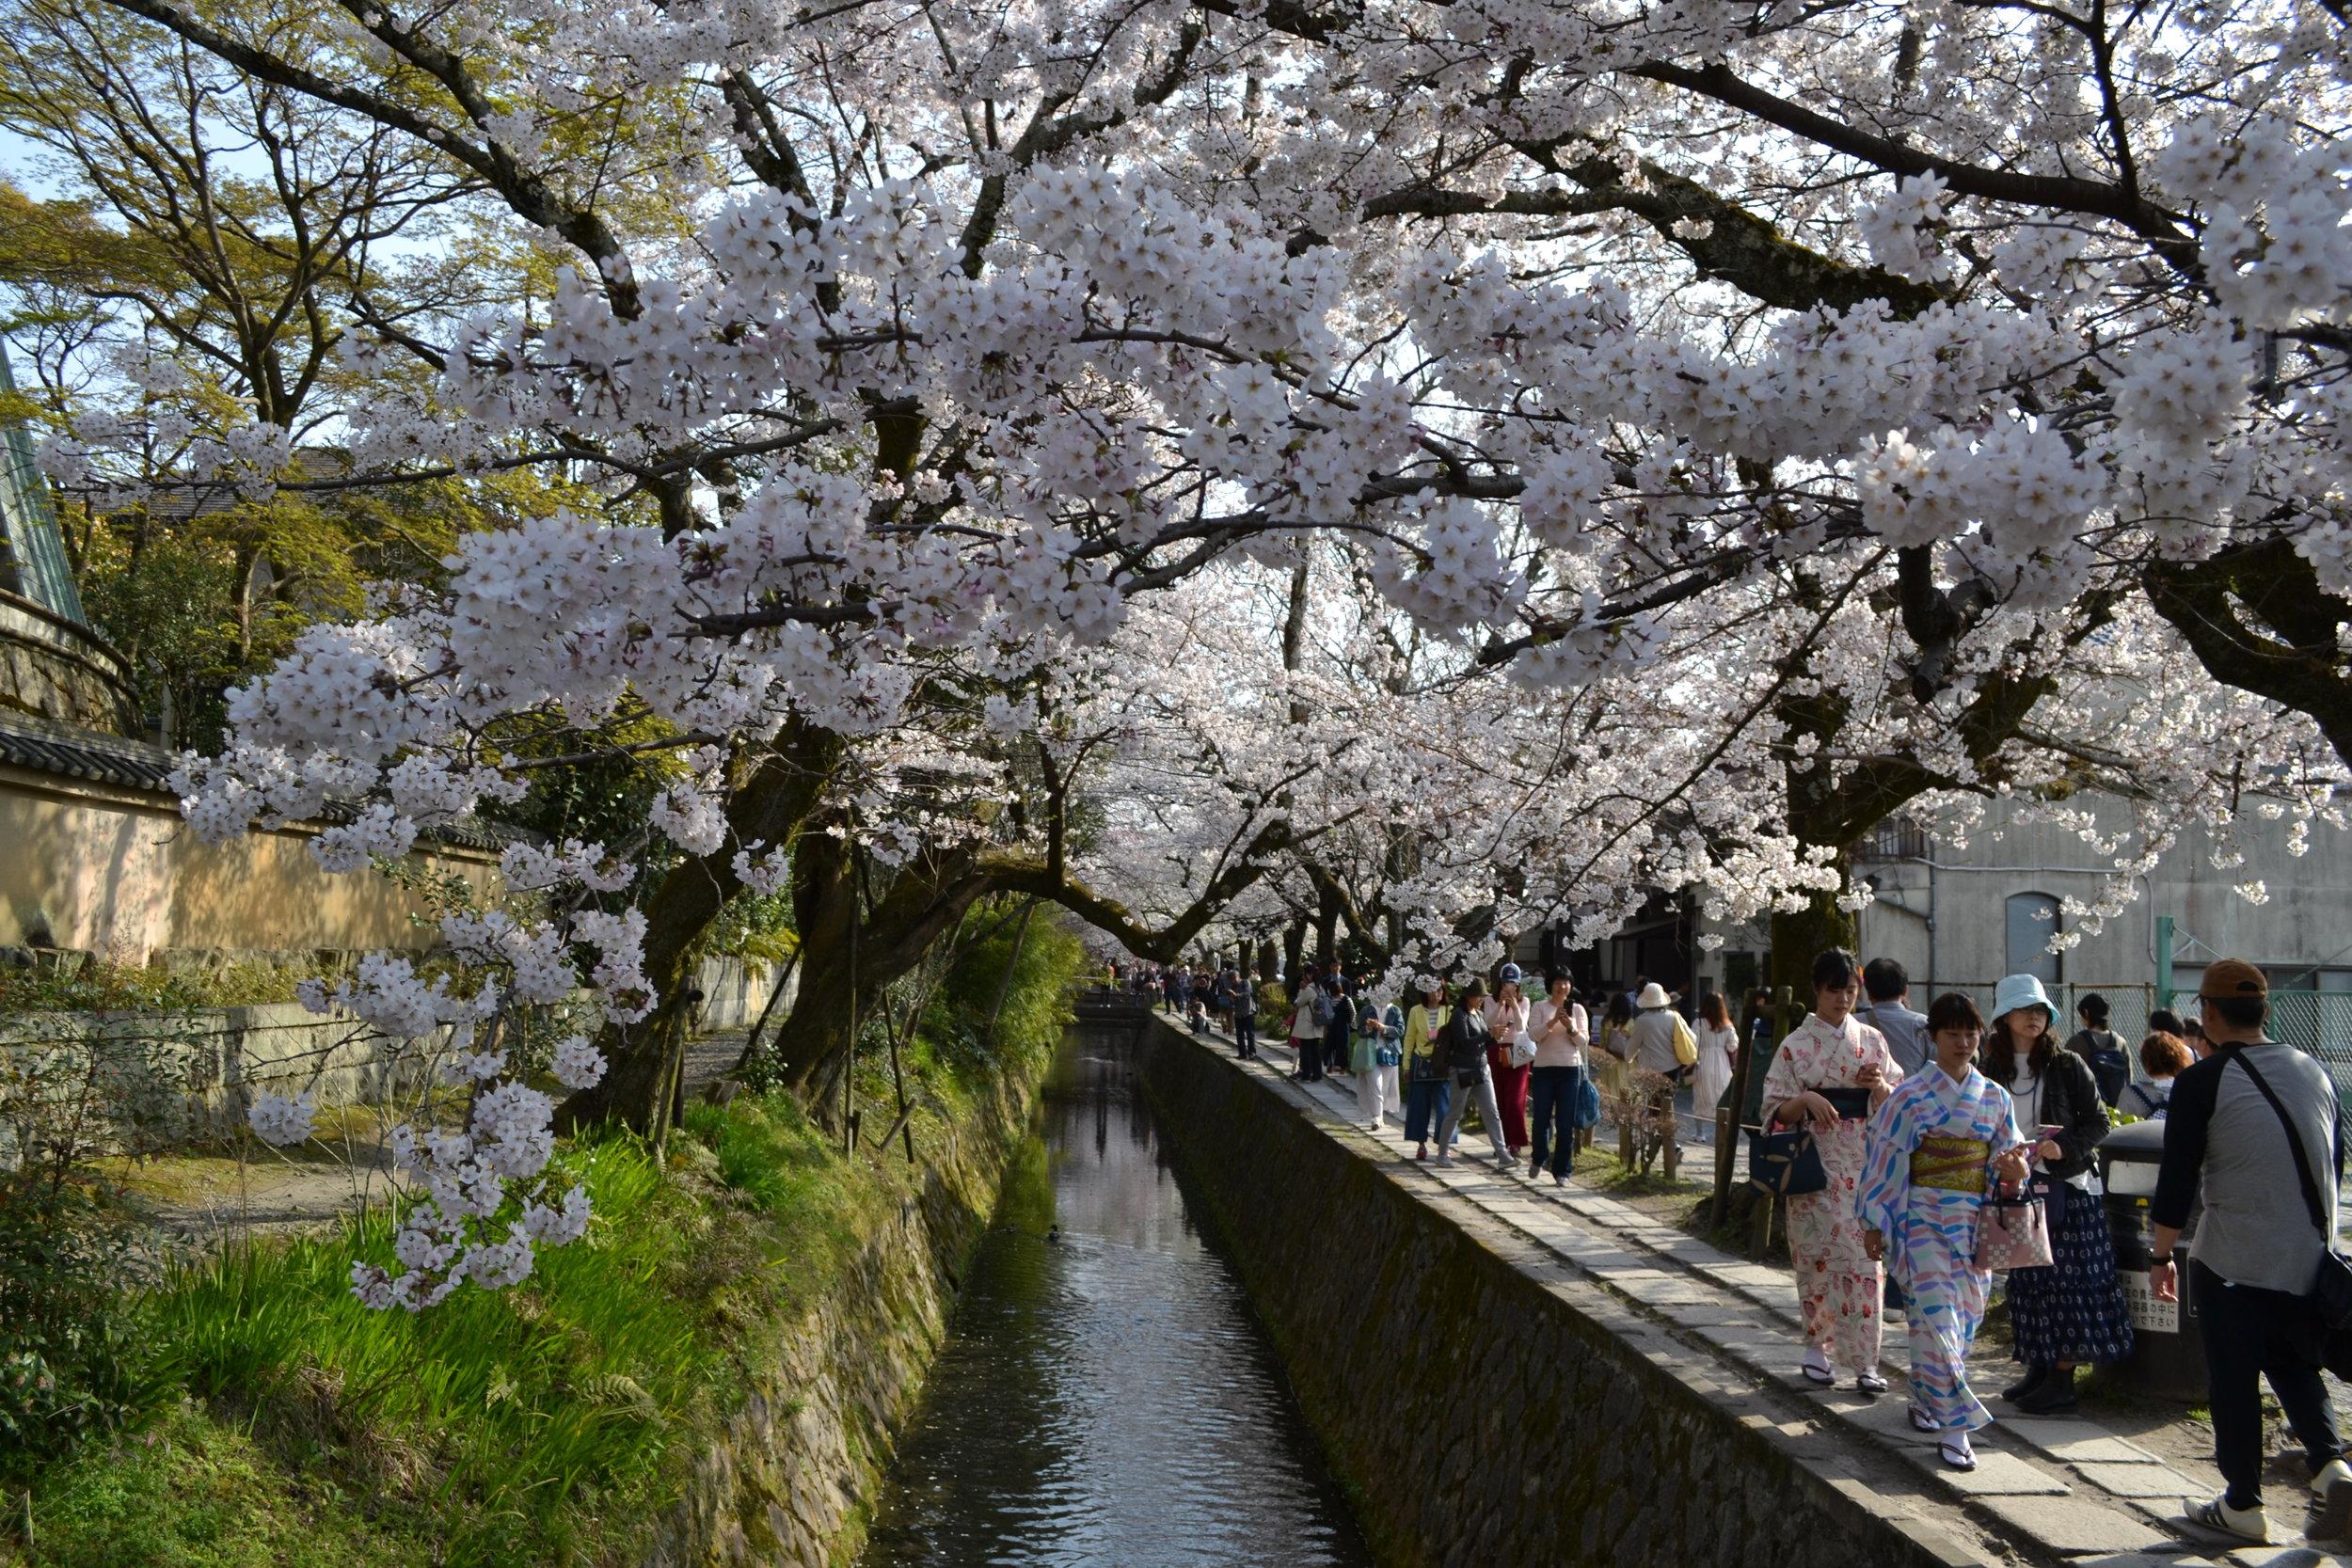 ¡Que lindo vista de de las flores, la agua y la gente! Hay dos mujeres vestidas con kimono la lado derecho y machan a las flores de sakura. Me gustaría ponerme un kimono y caminar debajo de las flores sakuras en el futuro.